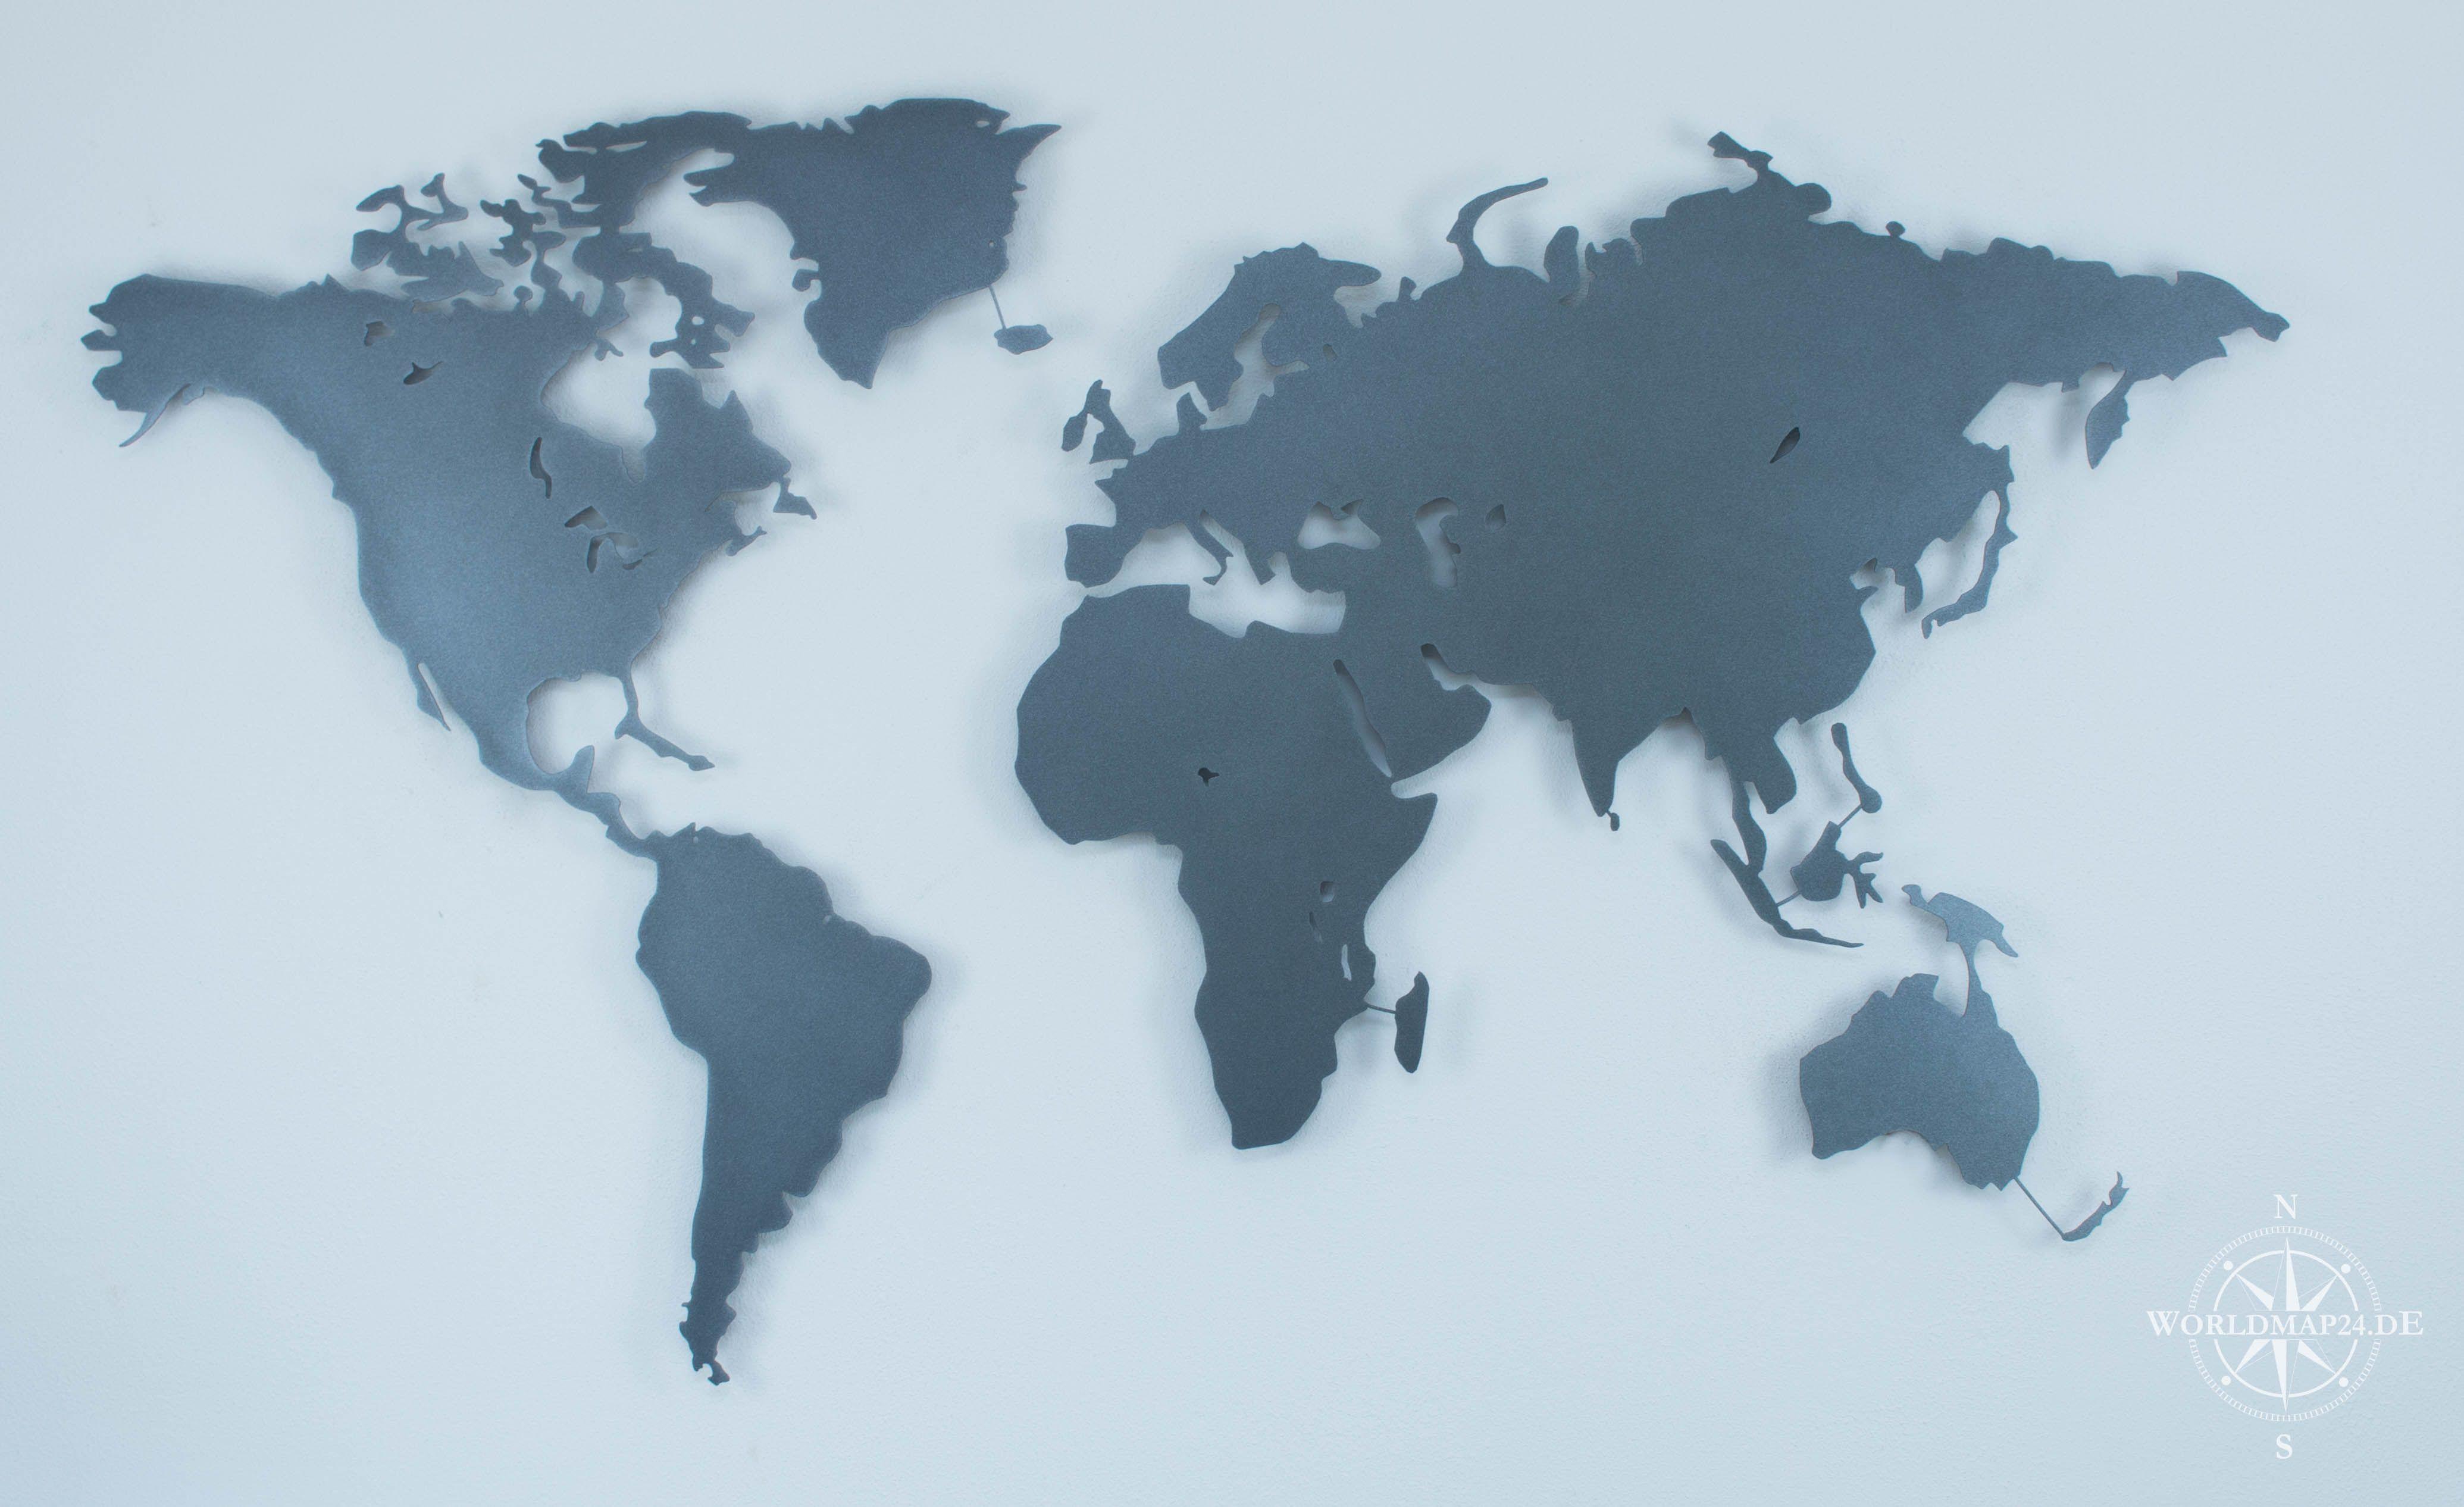 Design Weltkarte Mit Strukturiertem Eisenglimmer Look Front In